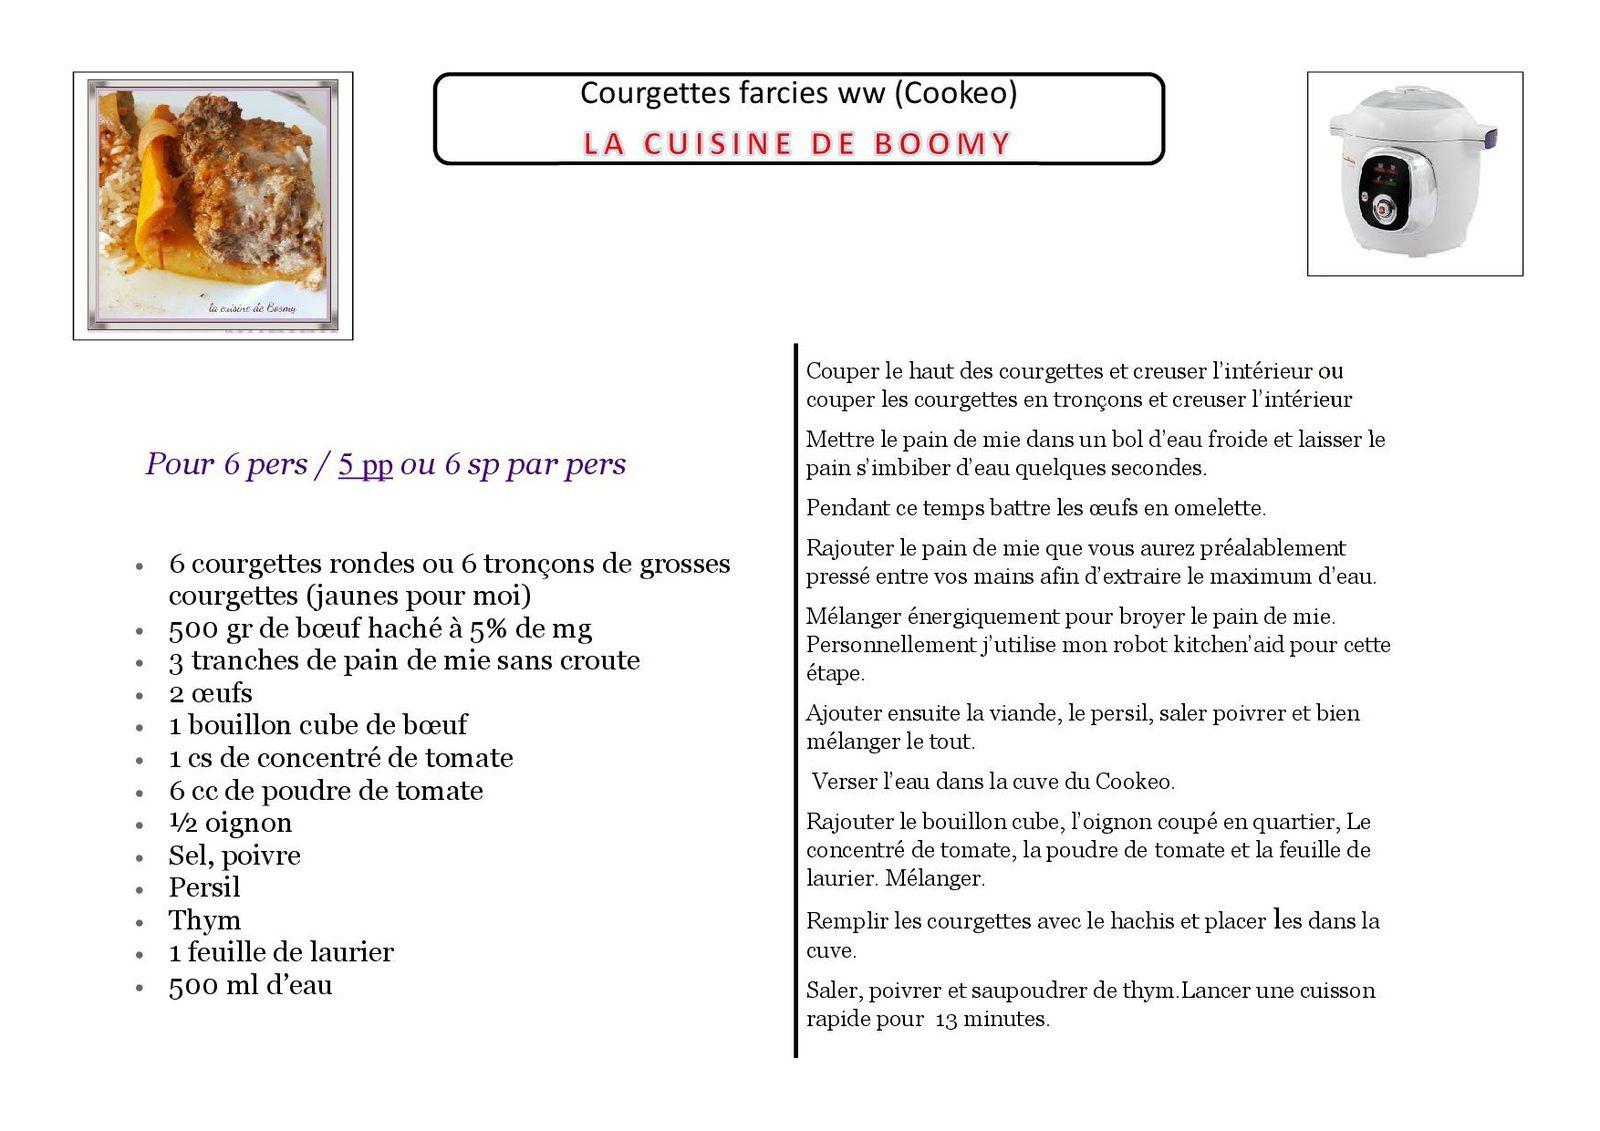 Legumes la cuisine de boomy - Cuisiner courgettes rondes ...